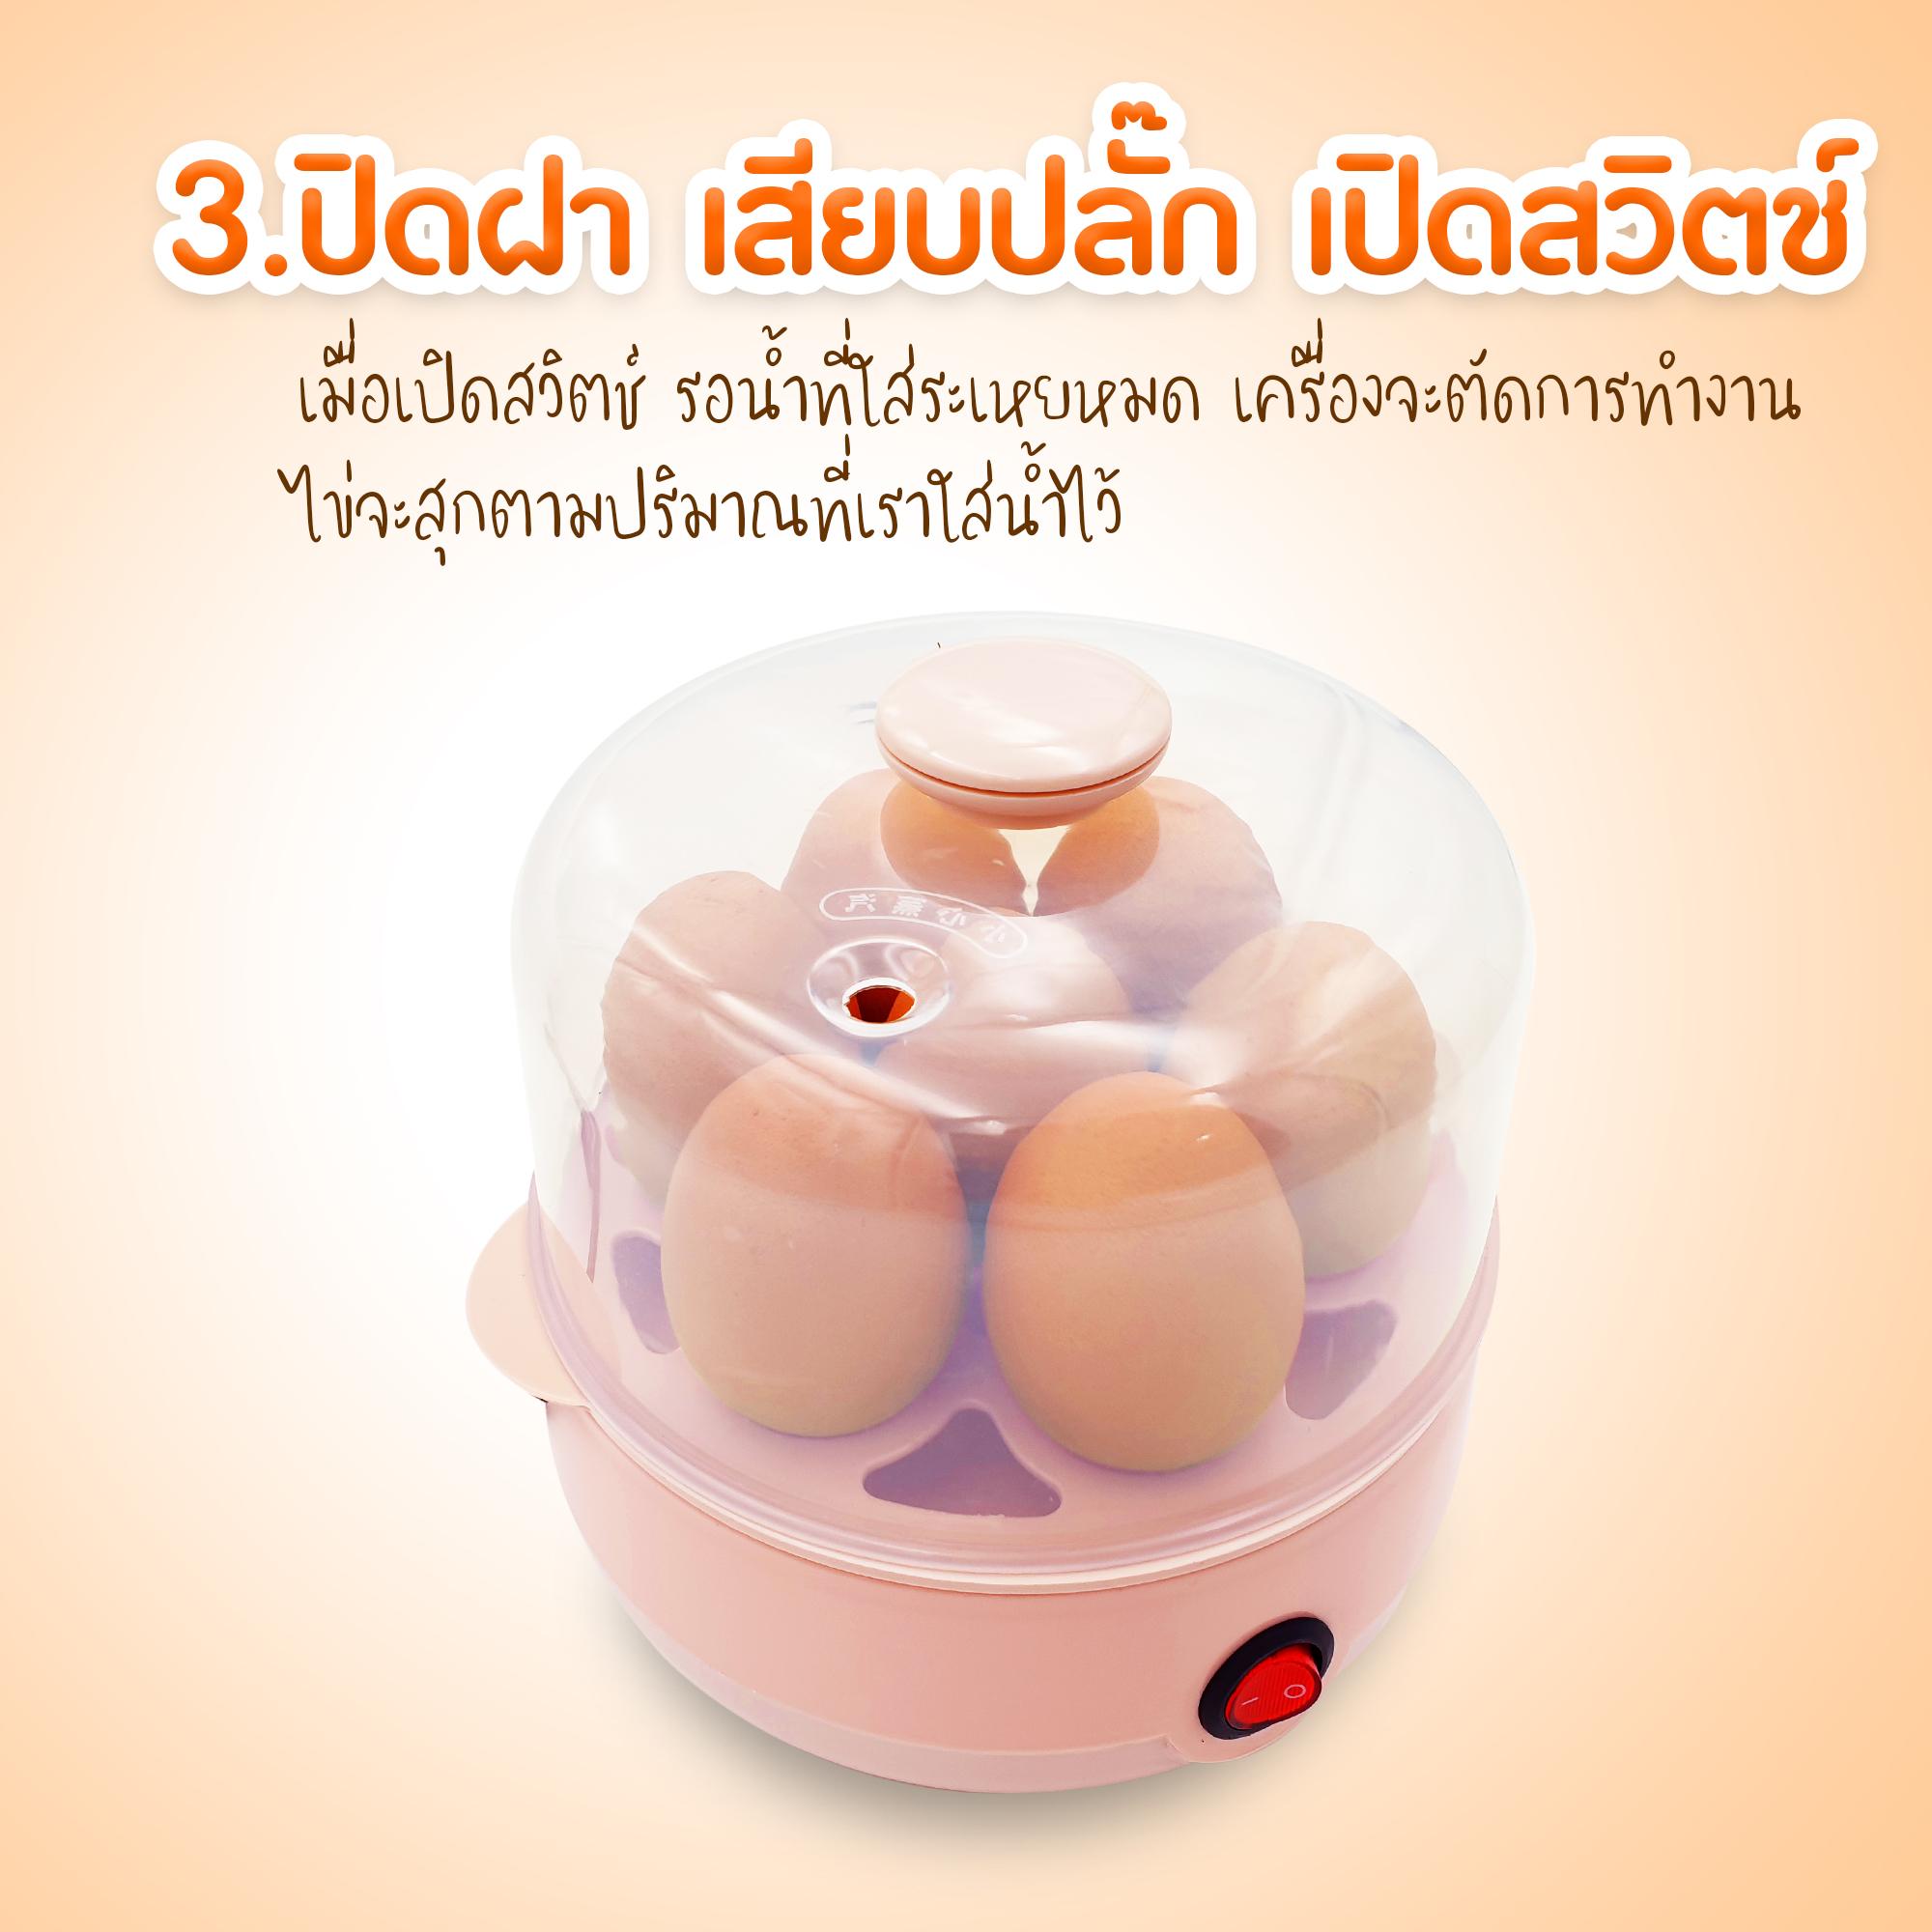 เครื่องต้มไข่, เครื่องนึ่งไข่, เครื่องต้มไข่ไฟฟ้า, เครื่องนึ่งไข่ออโต้